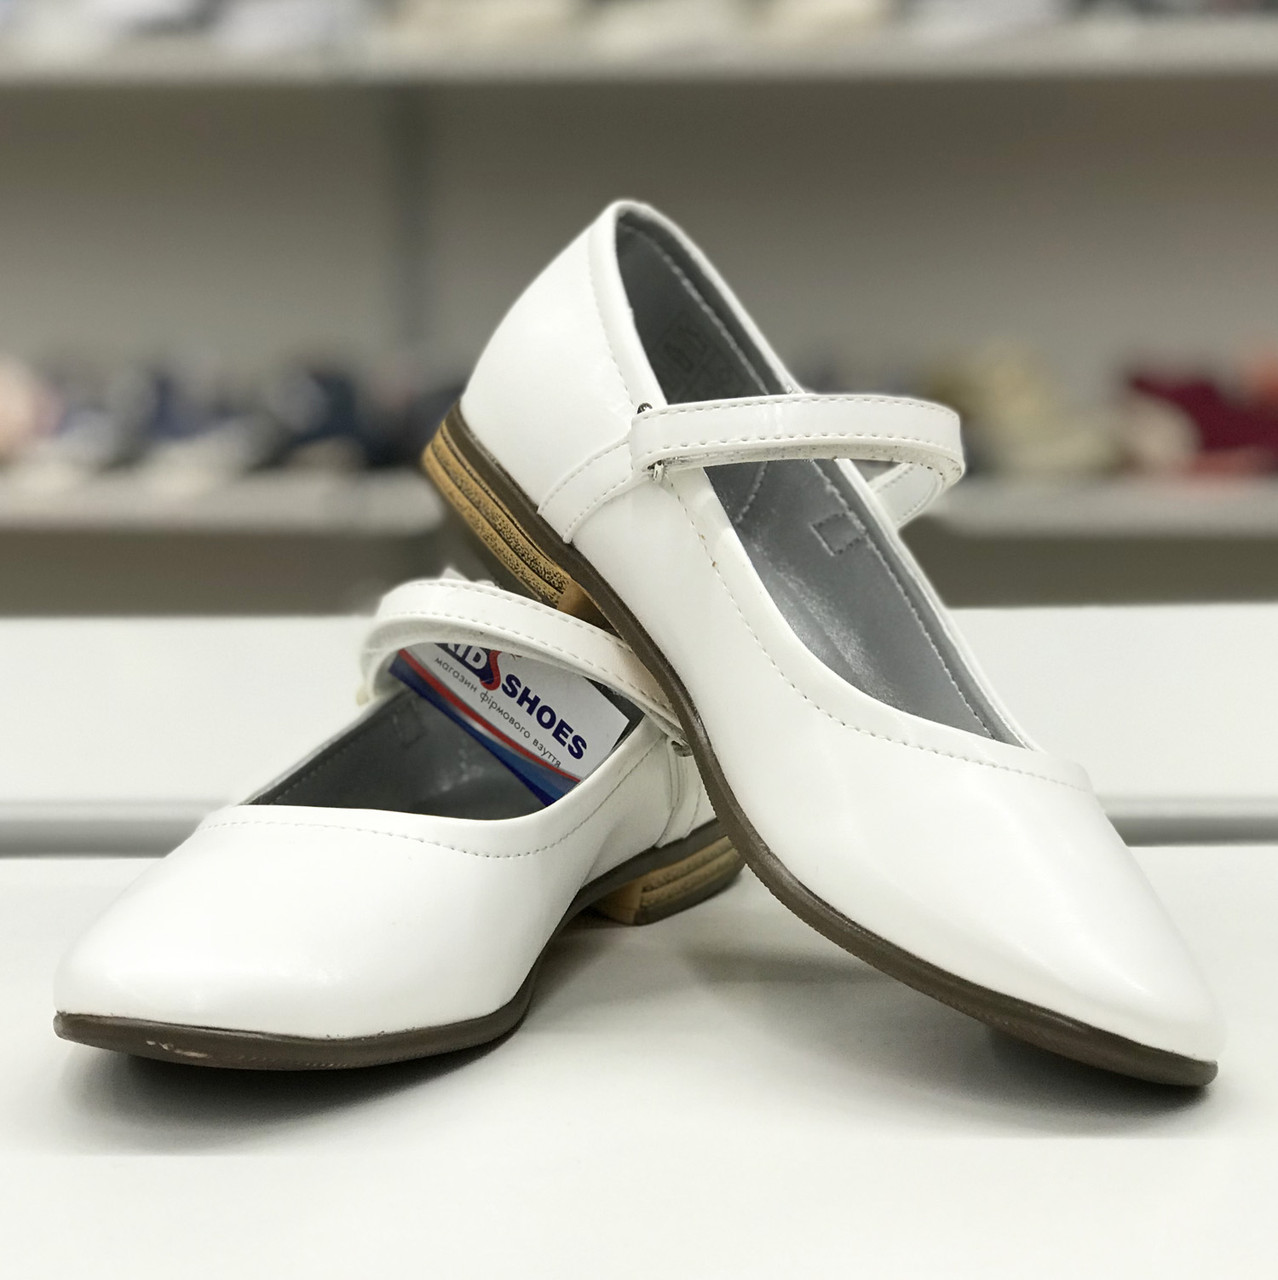 54a71f78a Классические туфельки Friboo (Германия) р 35. школьная детская обувь -  Интернет-магазин